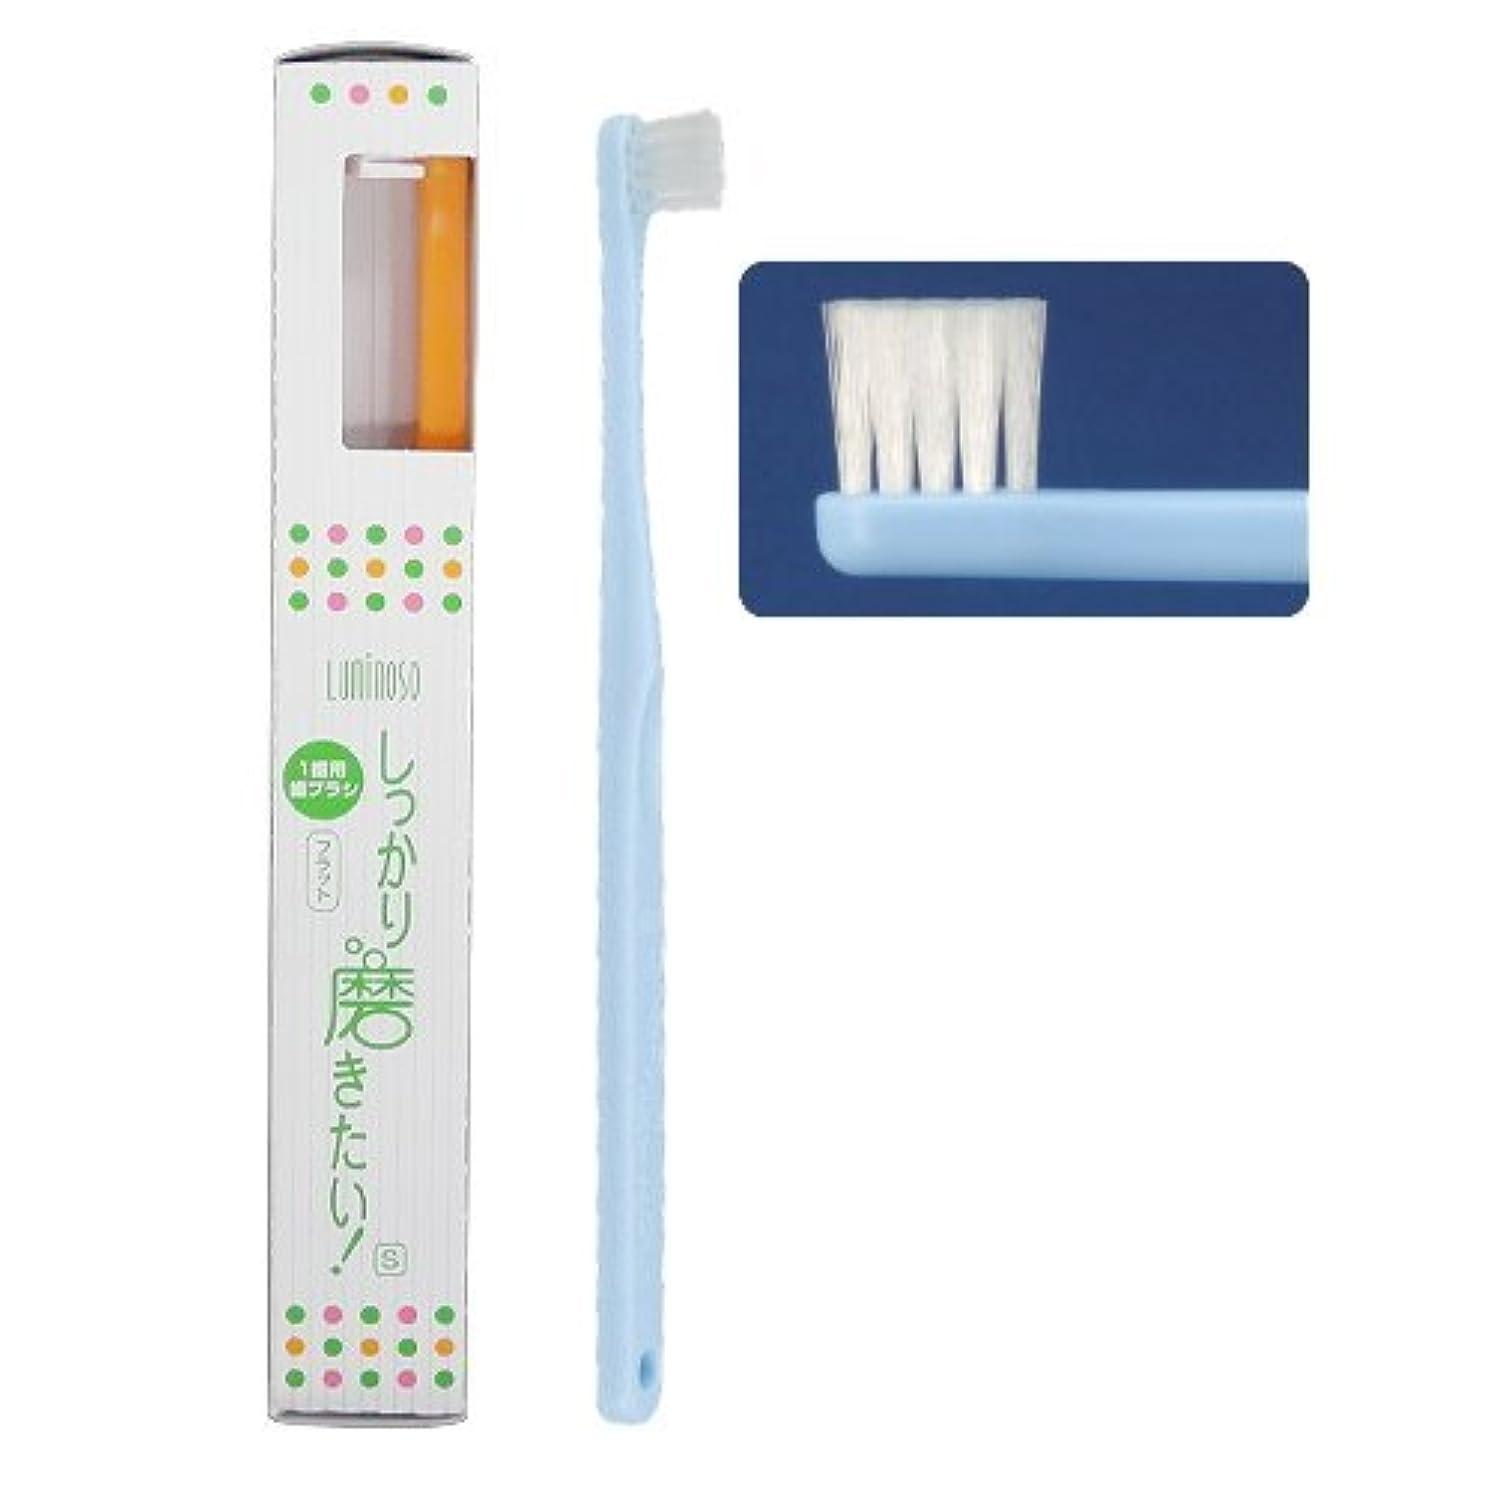 悲鳴ハーネスサルベージルミノソ 1歯用歯ブラシ 「しっかり磨きたい!」 フラット ソフト (カラー指定不可) 3本